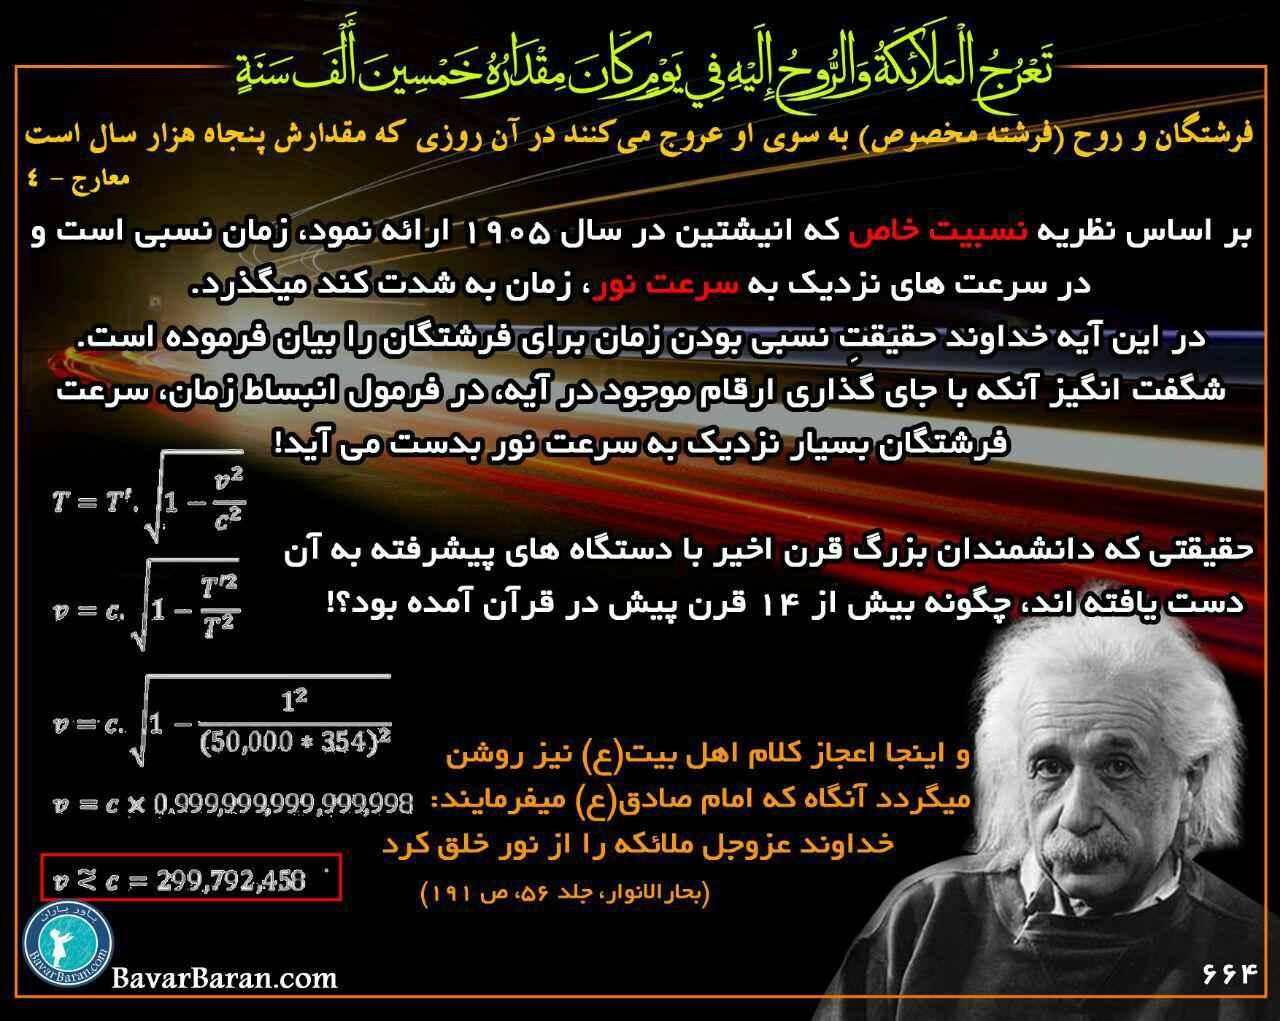 سرعت نور در قرآن - همیار فیزیک